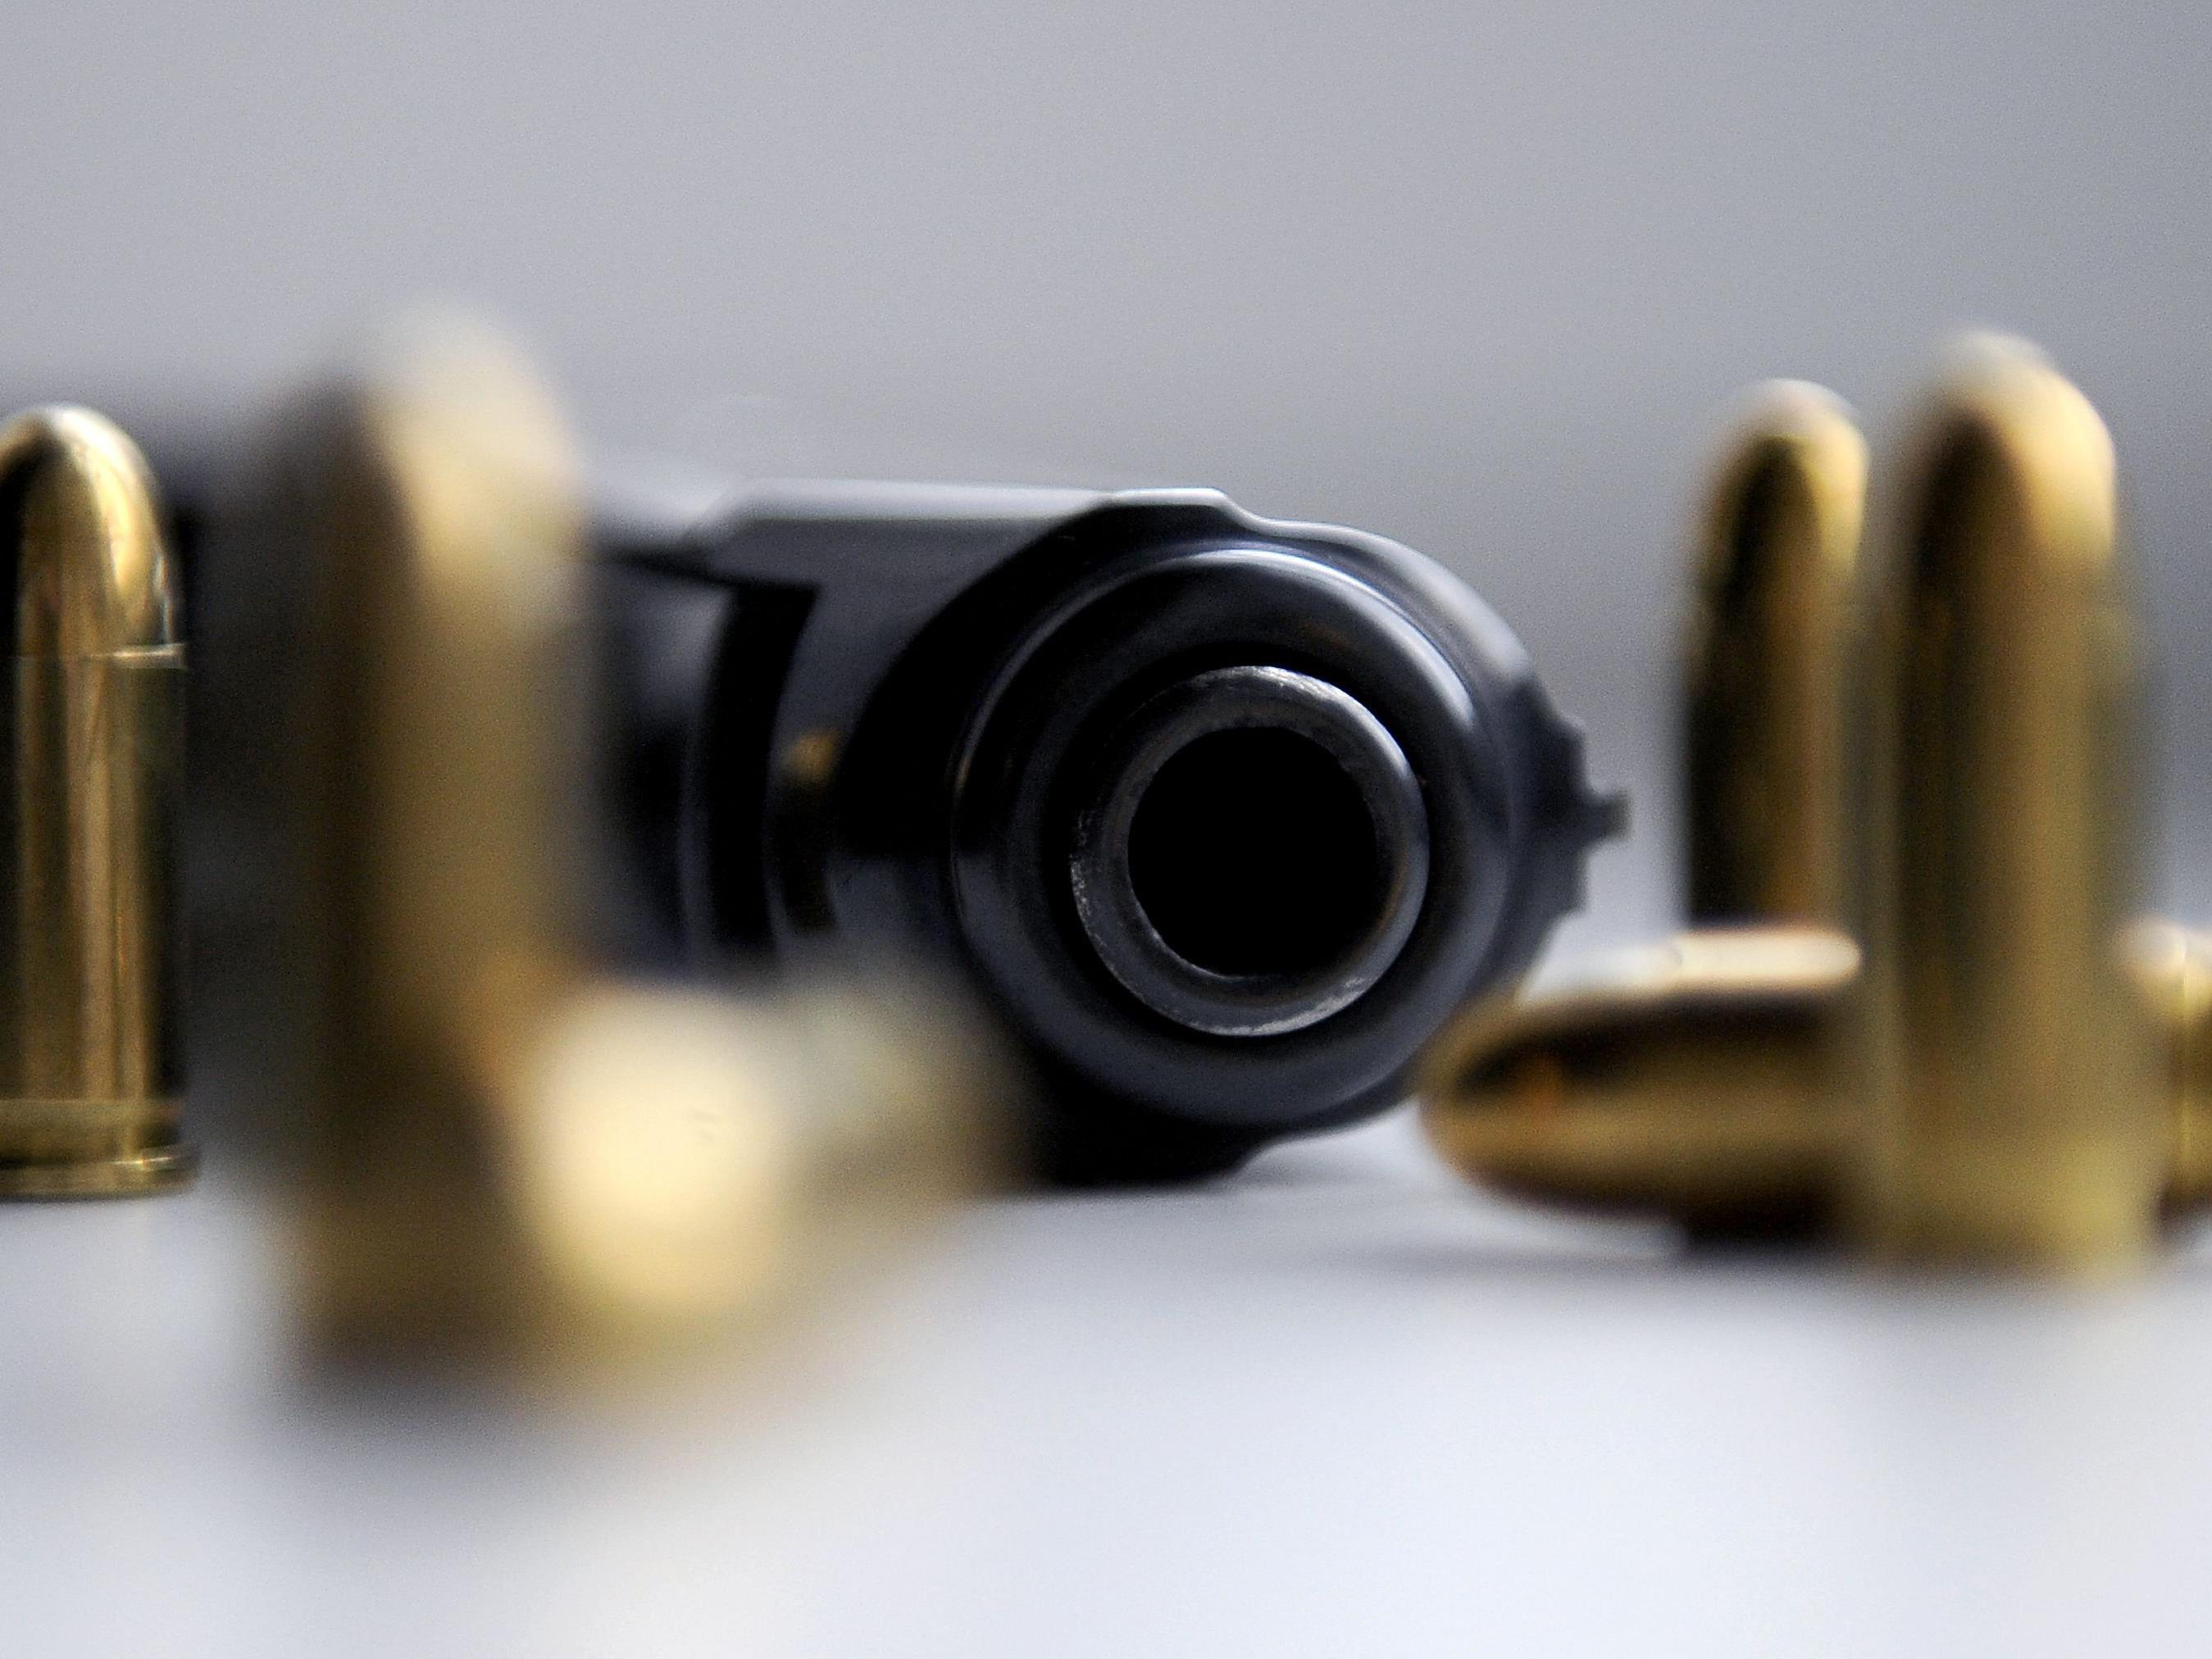 Alkoholisierte schießt sich in Bregenz versehentlich mit Pistole in Kopf - Waffenbesitzer verurteilt.